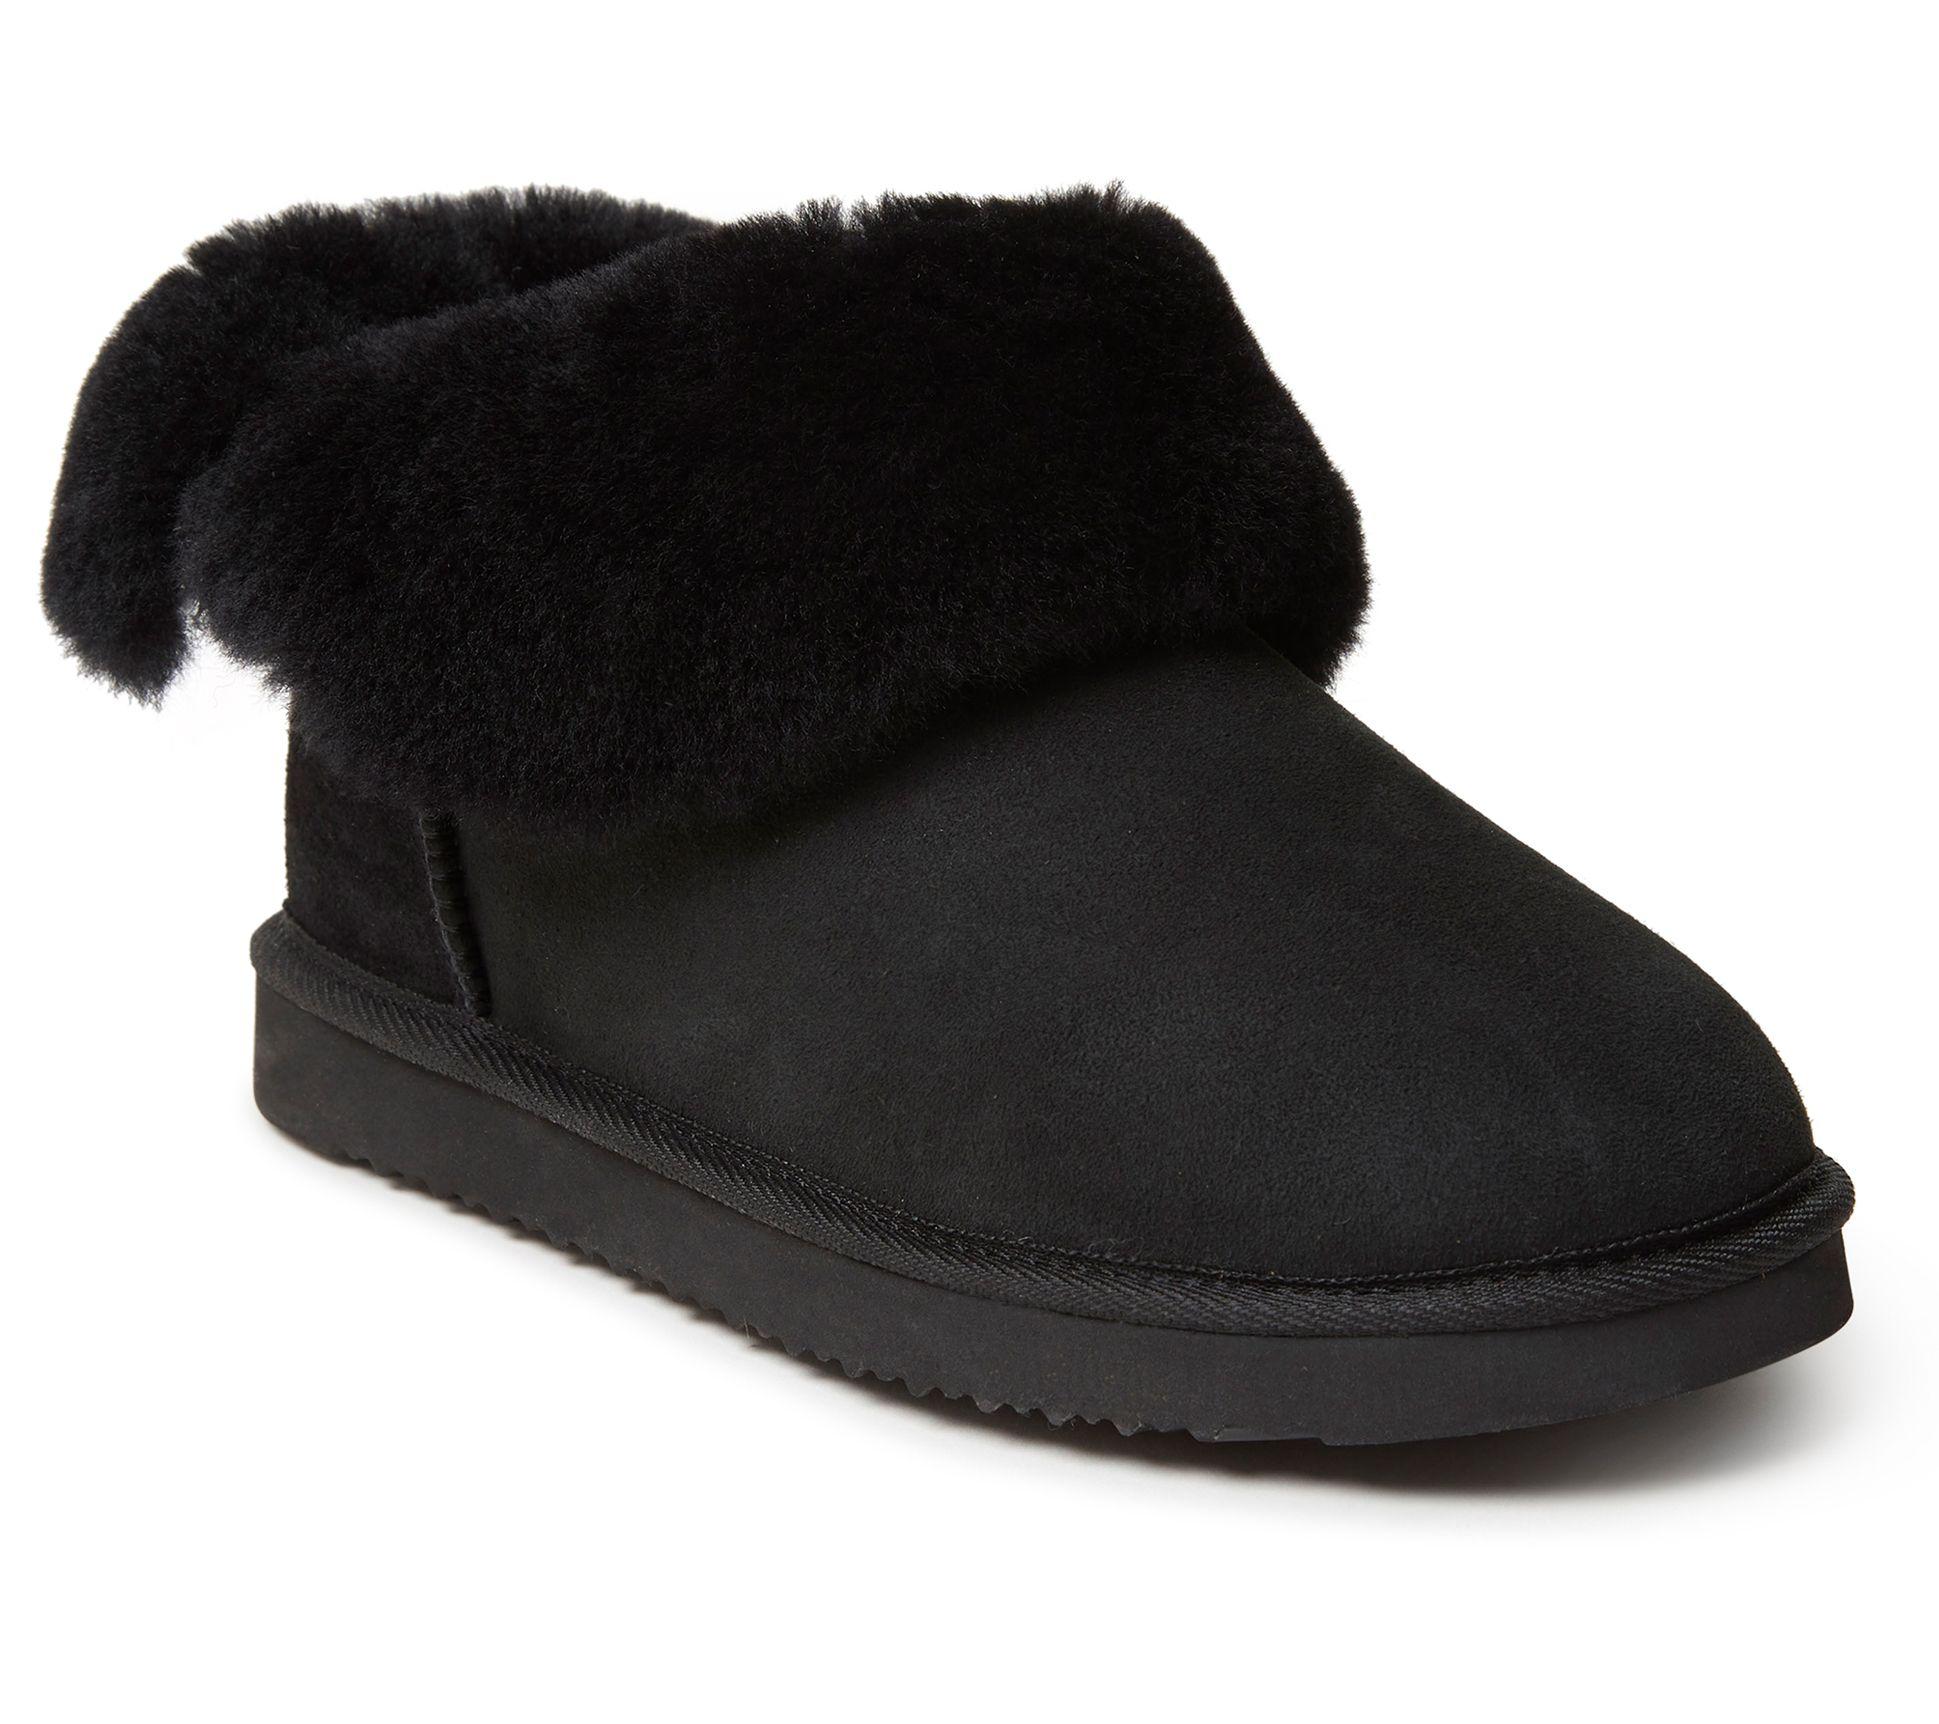 New Dearfoams Women/'s Genuine Suede Bootie Slipper